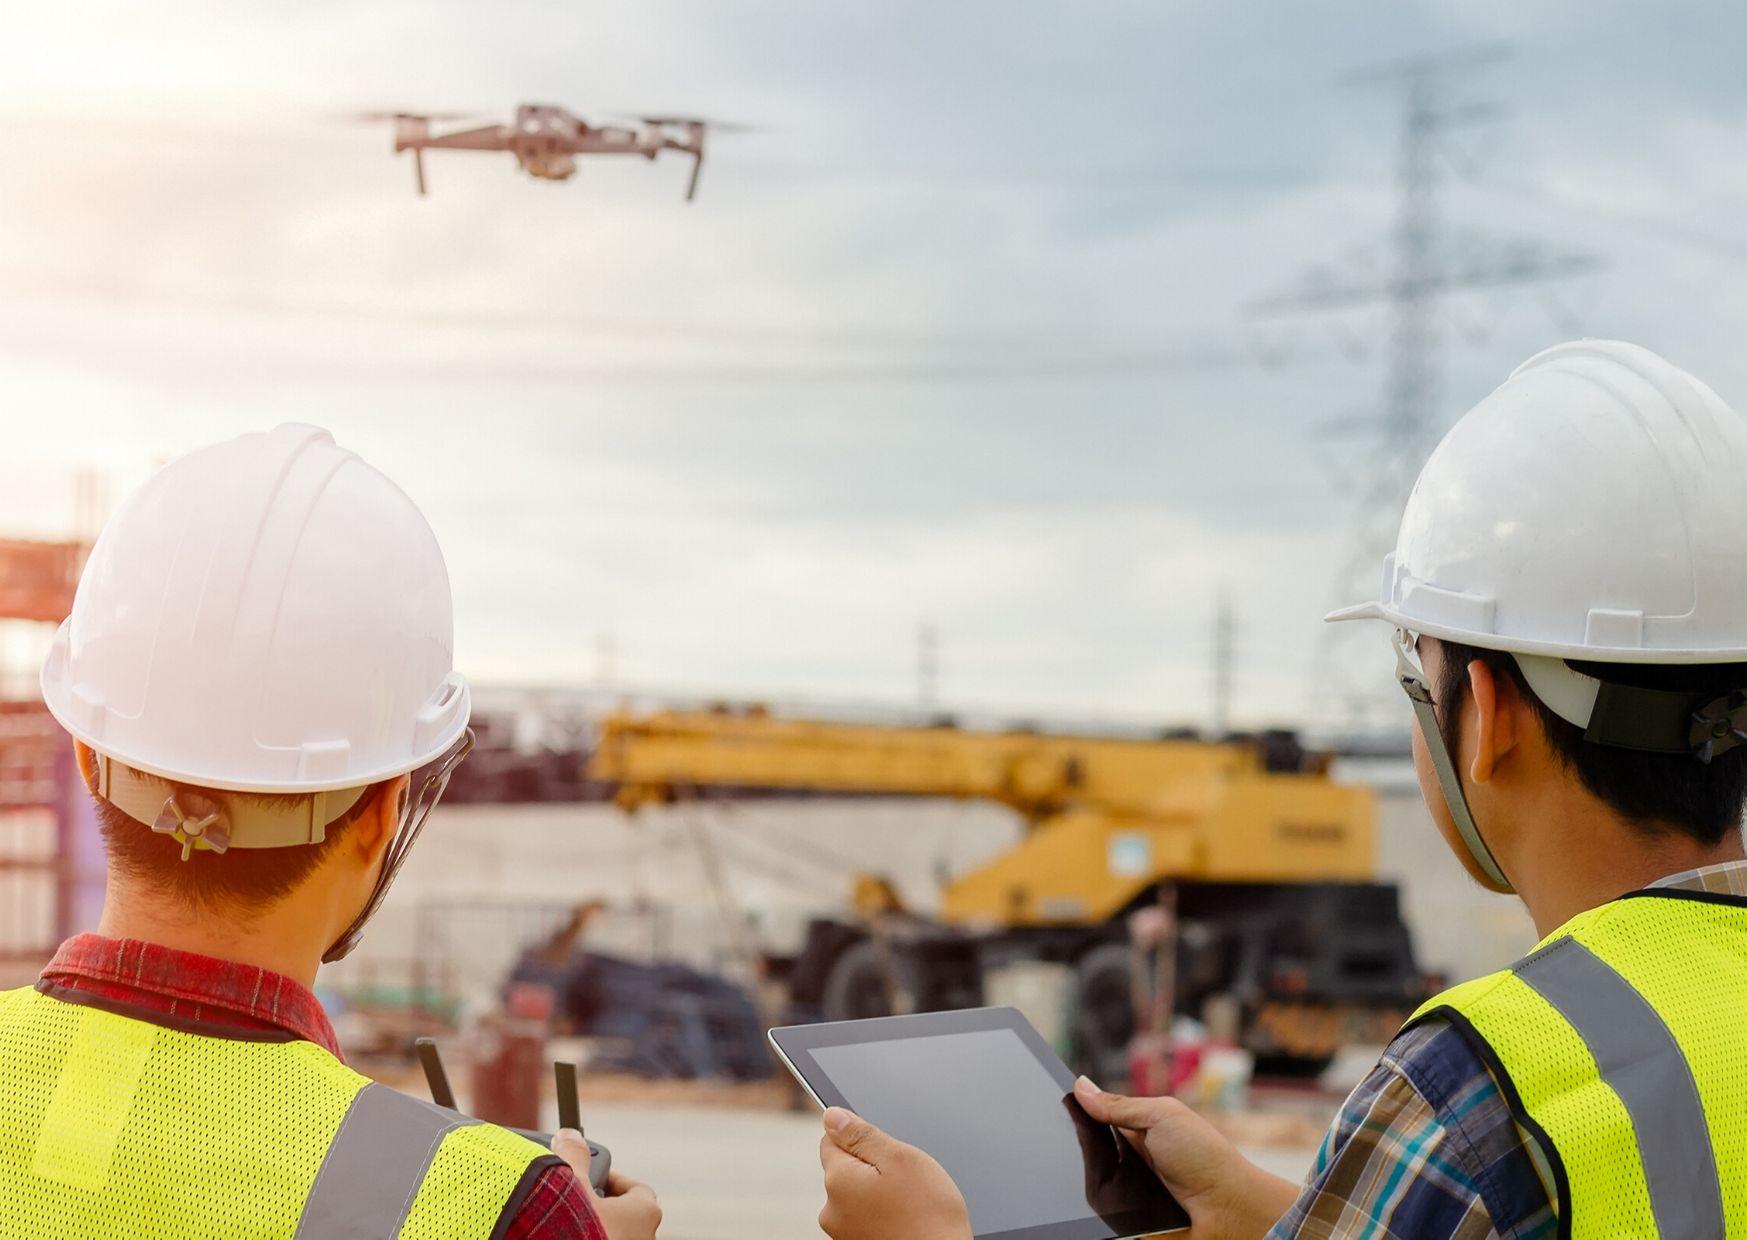 Dron en la minería